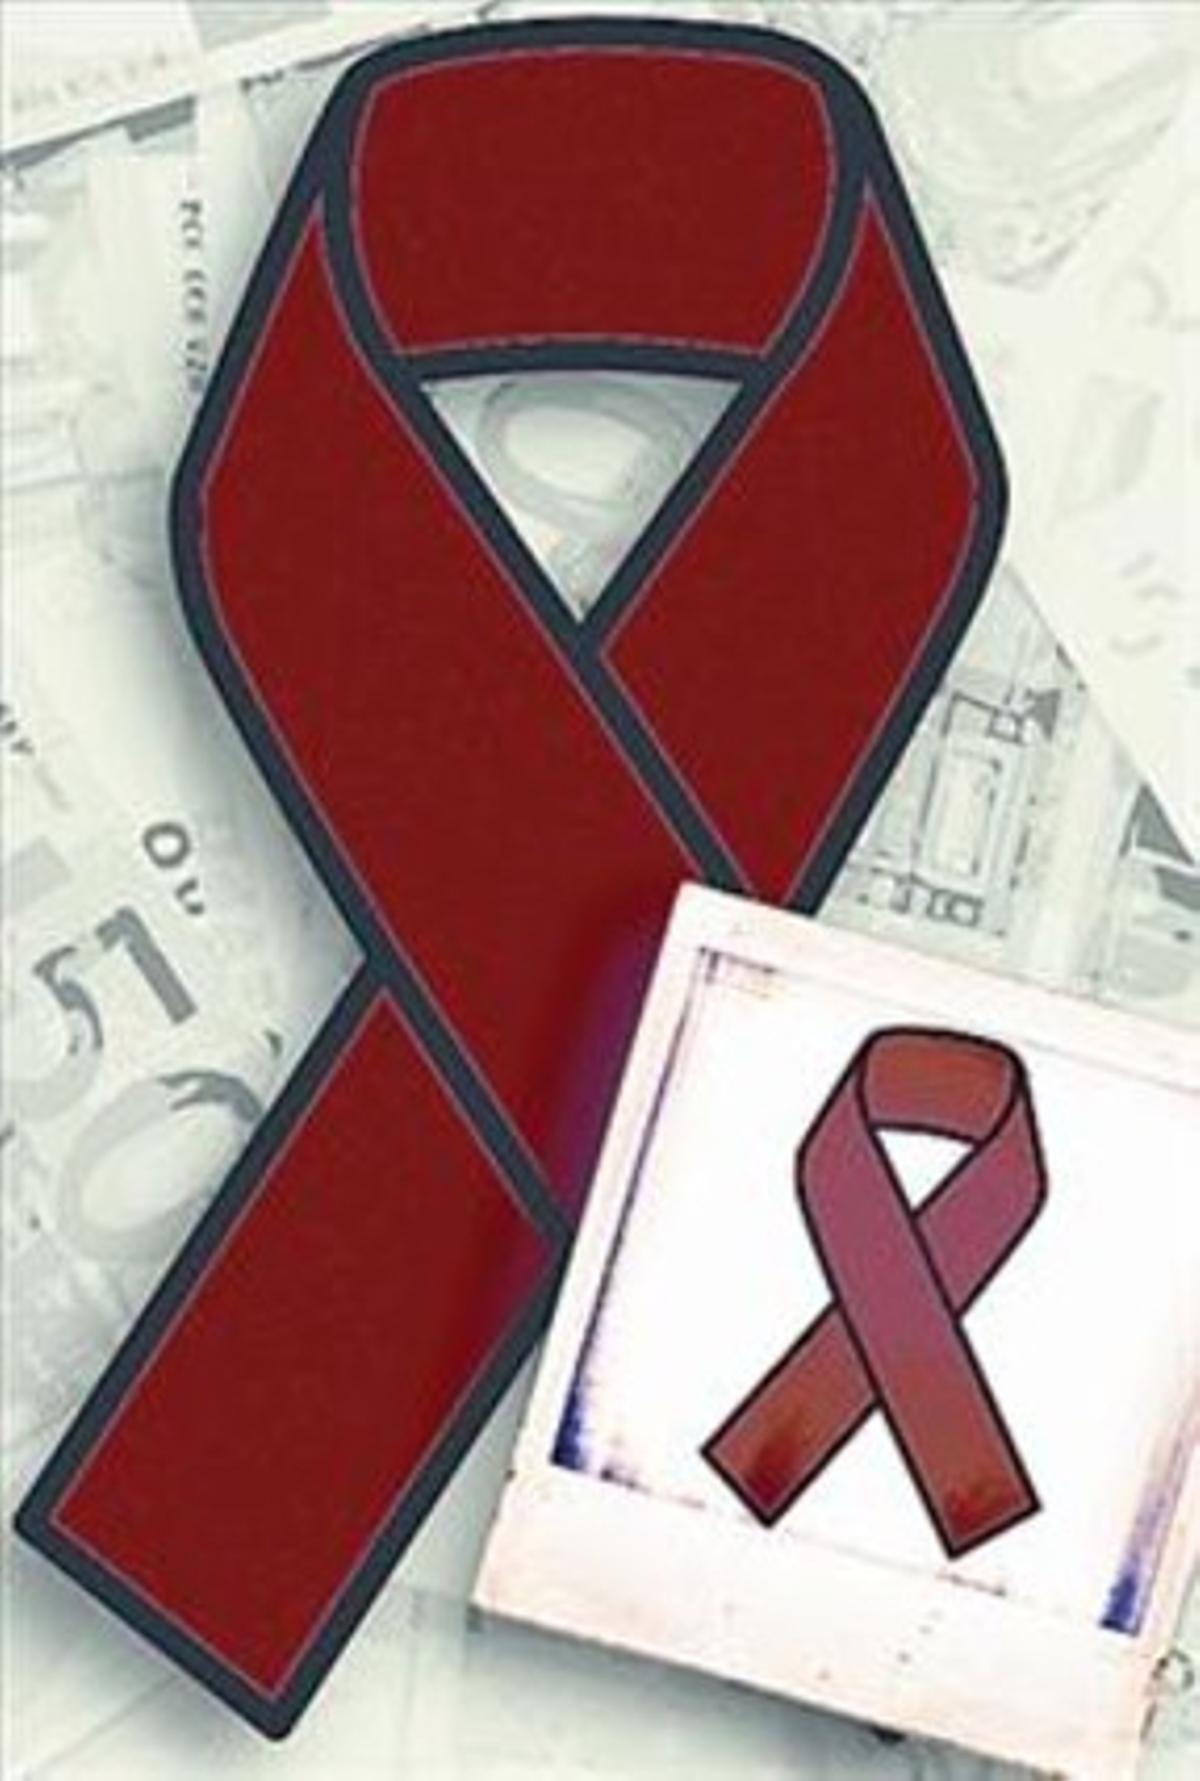 El sida, tiempos de revisión